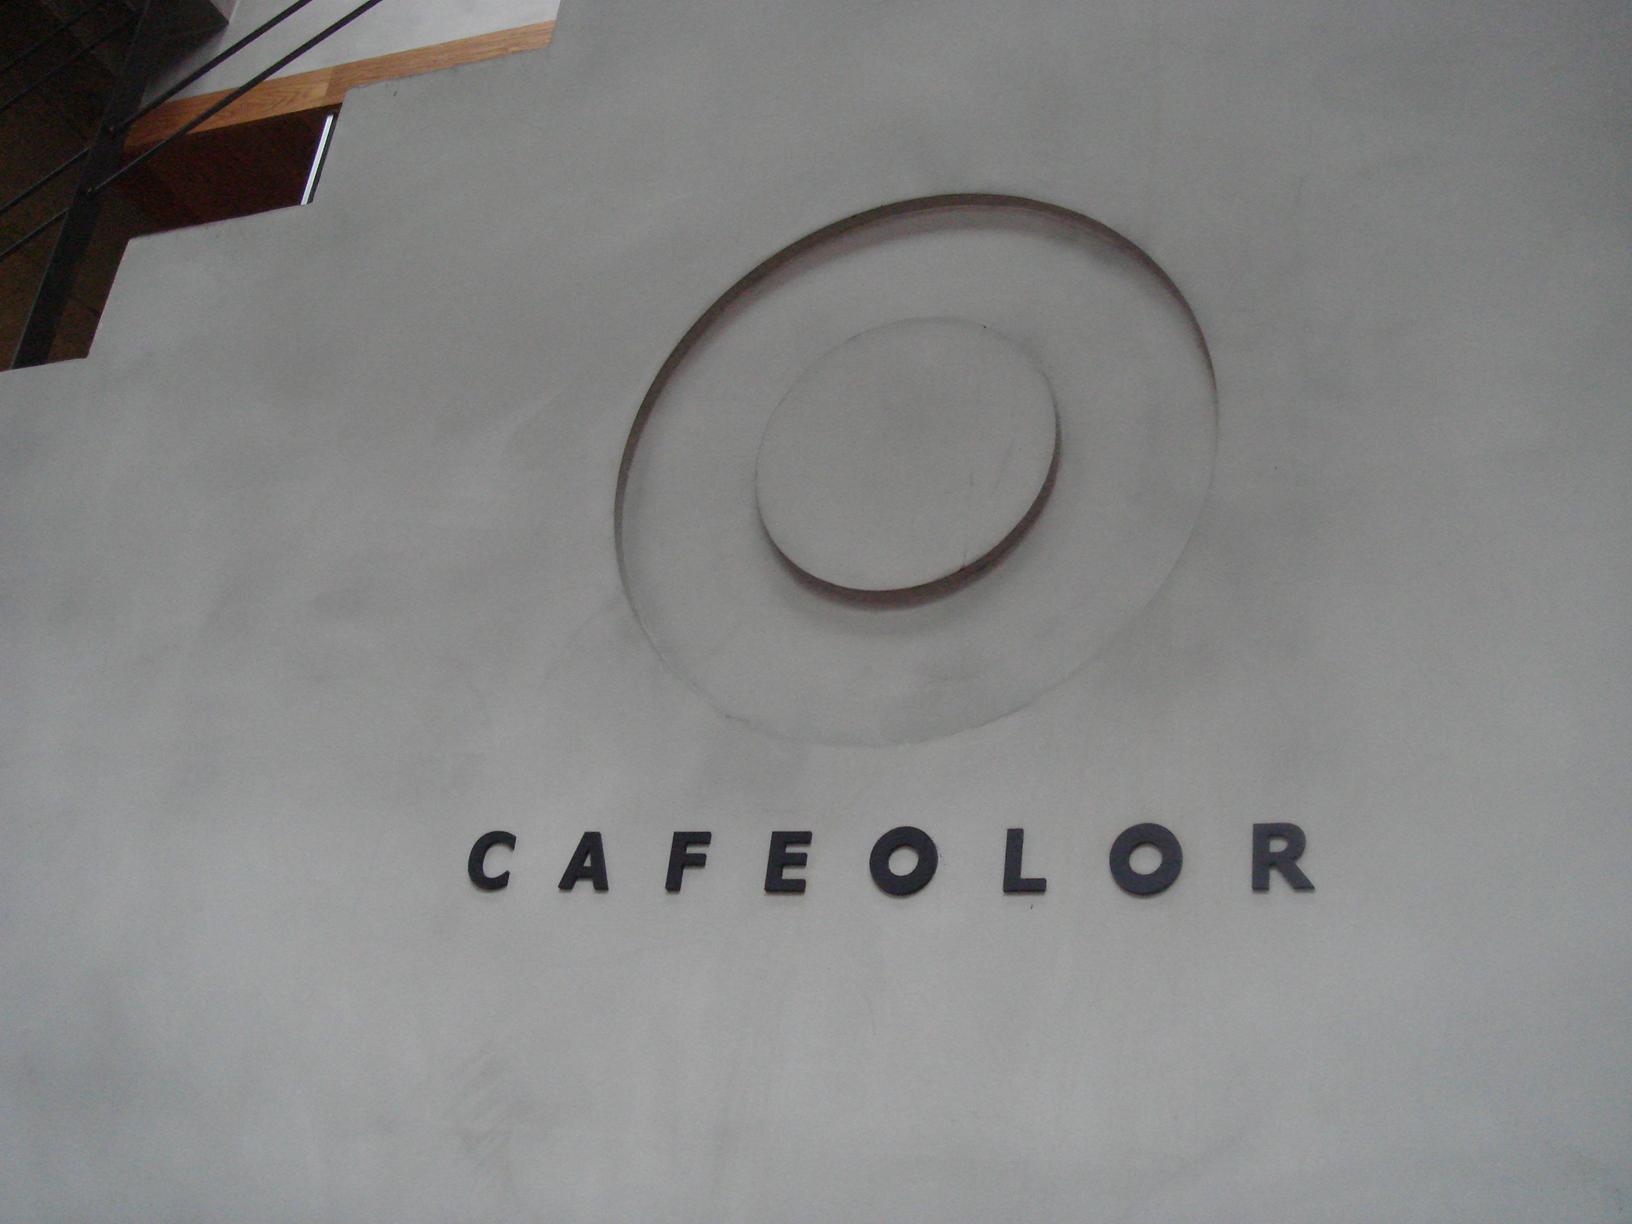 [강남/도곡동]카페 올로